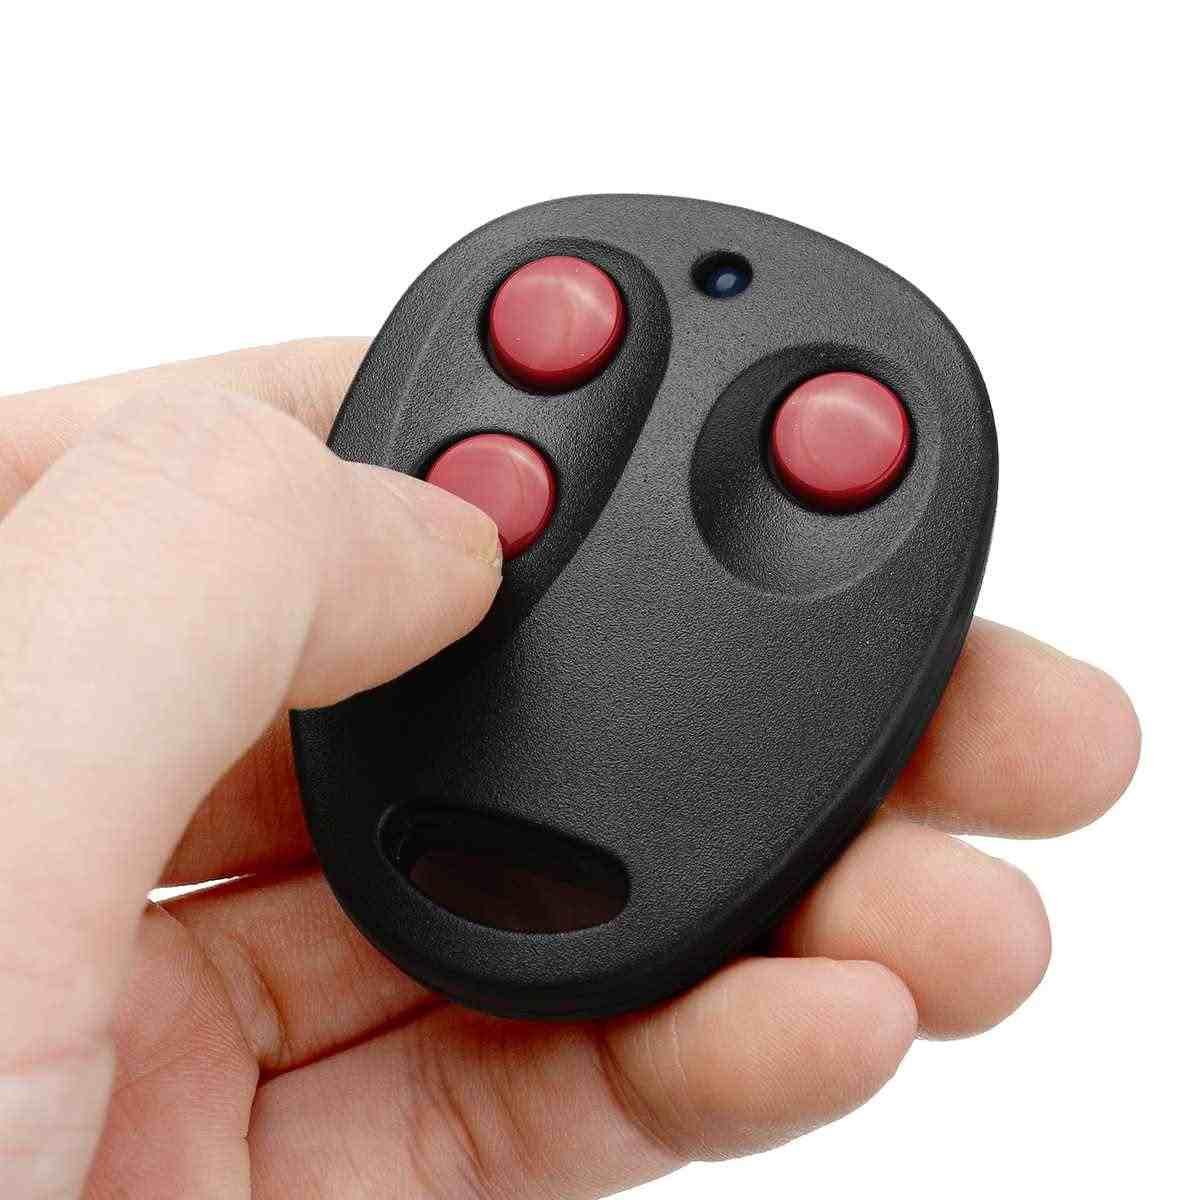 Llave de Control remoto de reemplazo de puerta de garaje eléctrica teclas de seguridad para los emisores de Control de código rodante Peccinin 433,92 mhz